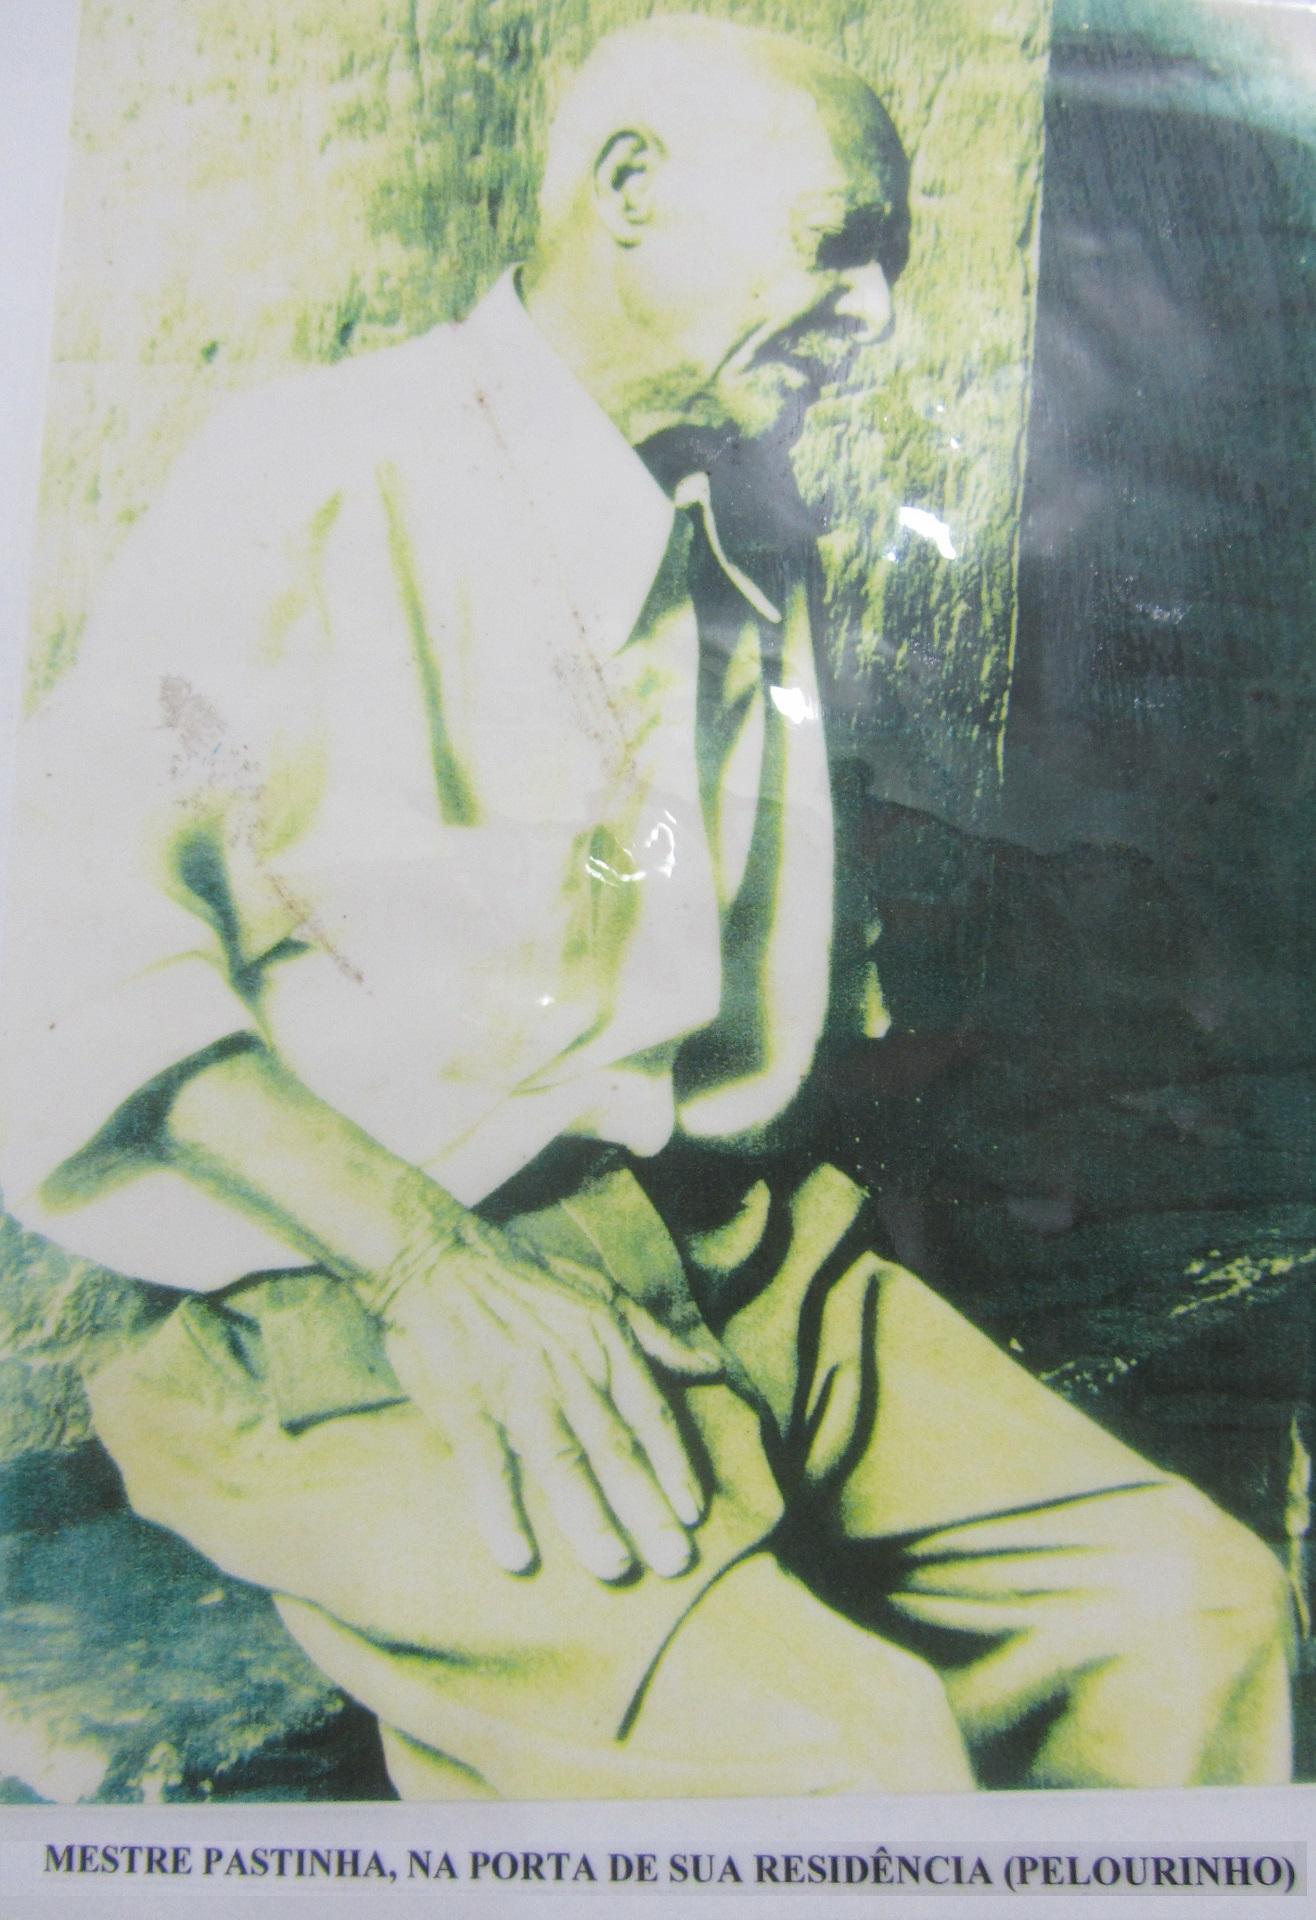 История создания первого центра капоэйра ангола, биография Спортивного Центра Капоэйры Ангола